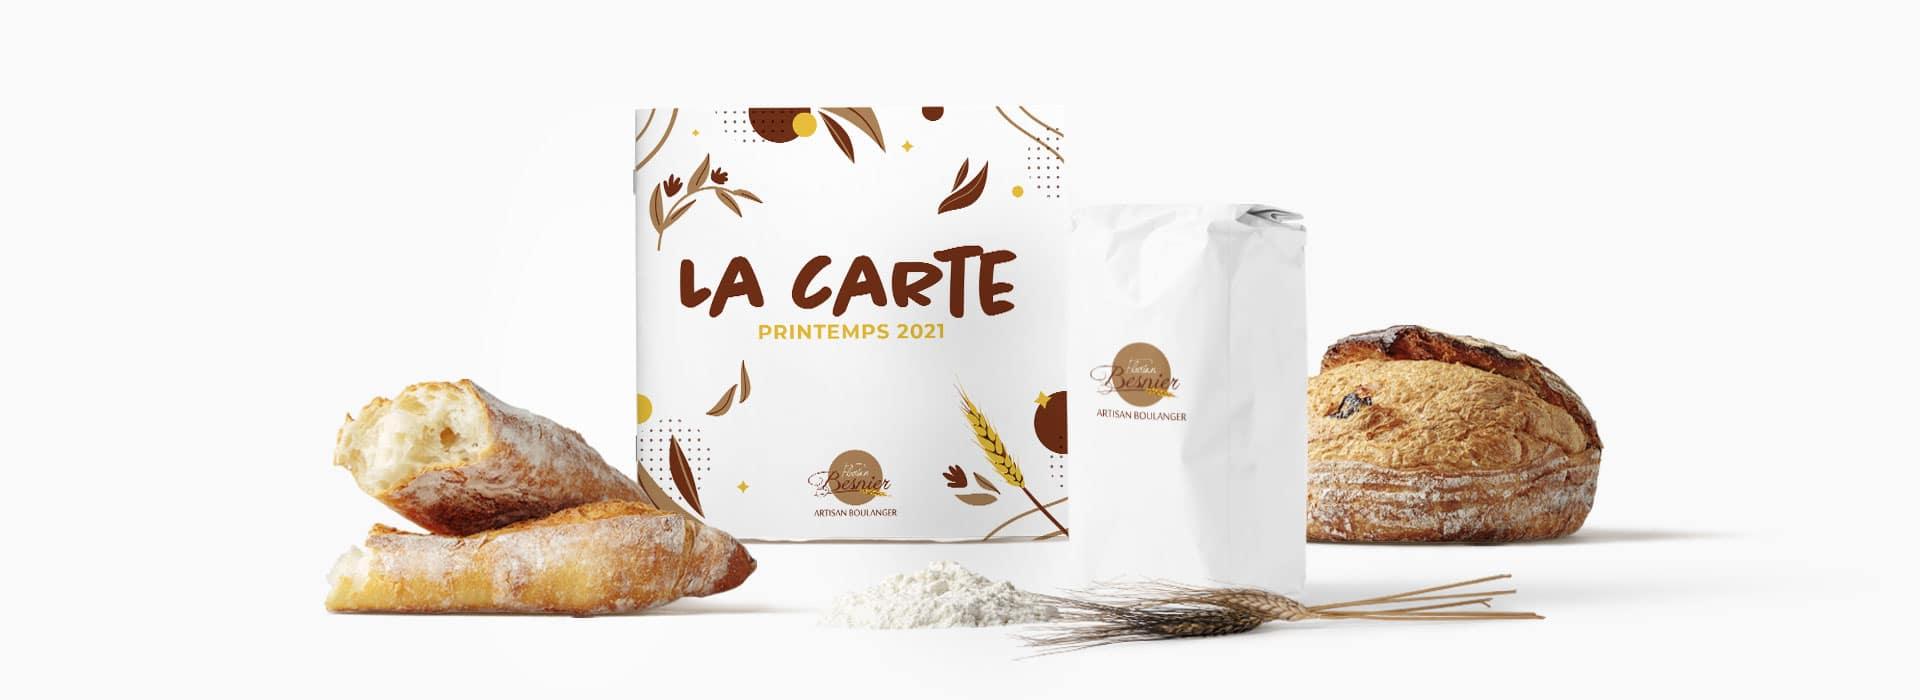 mise en scène de la carte printemps 2021 de Florian Besnier artisan boulanger